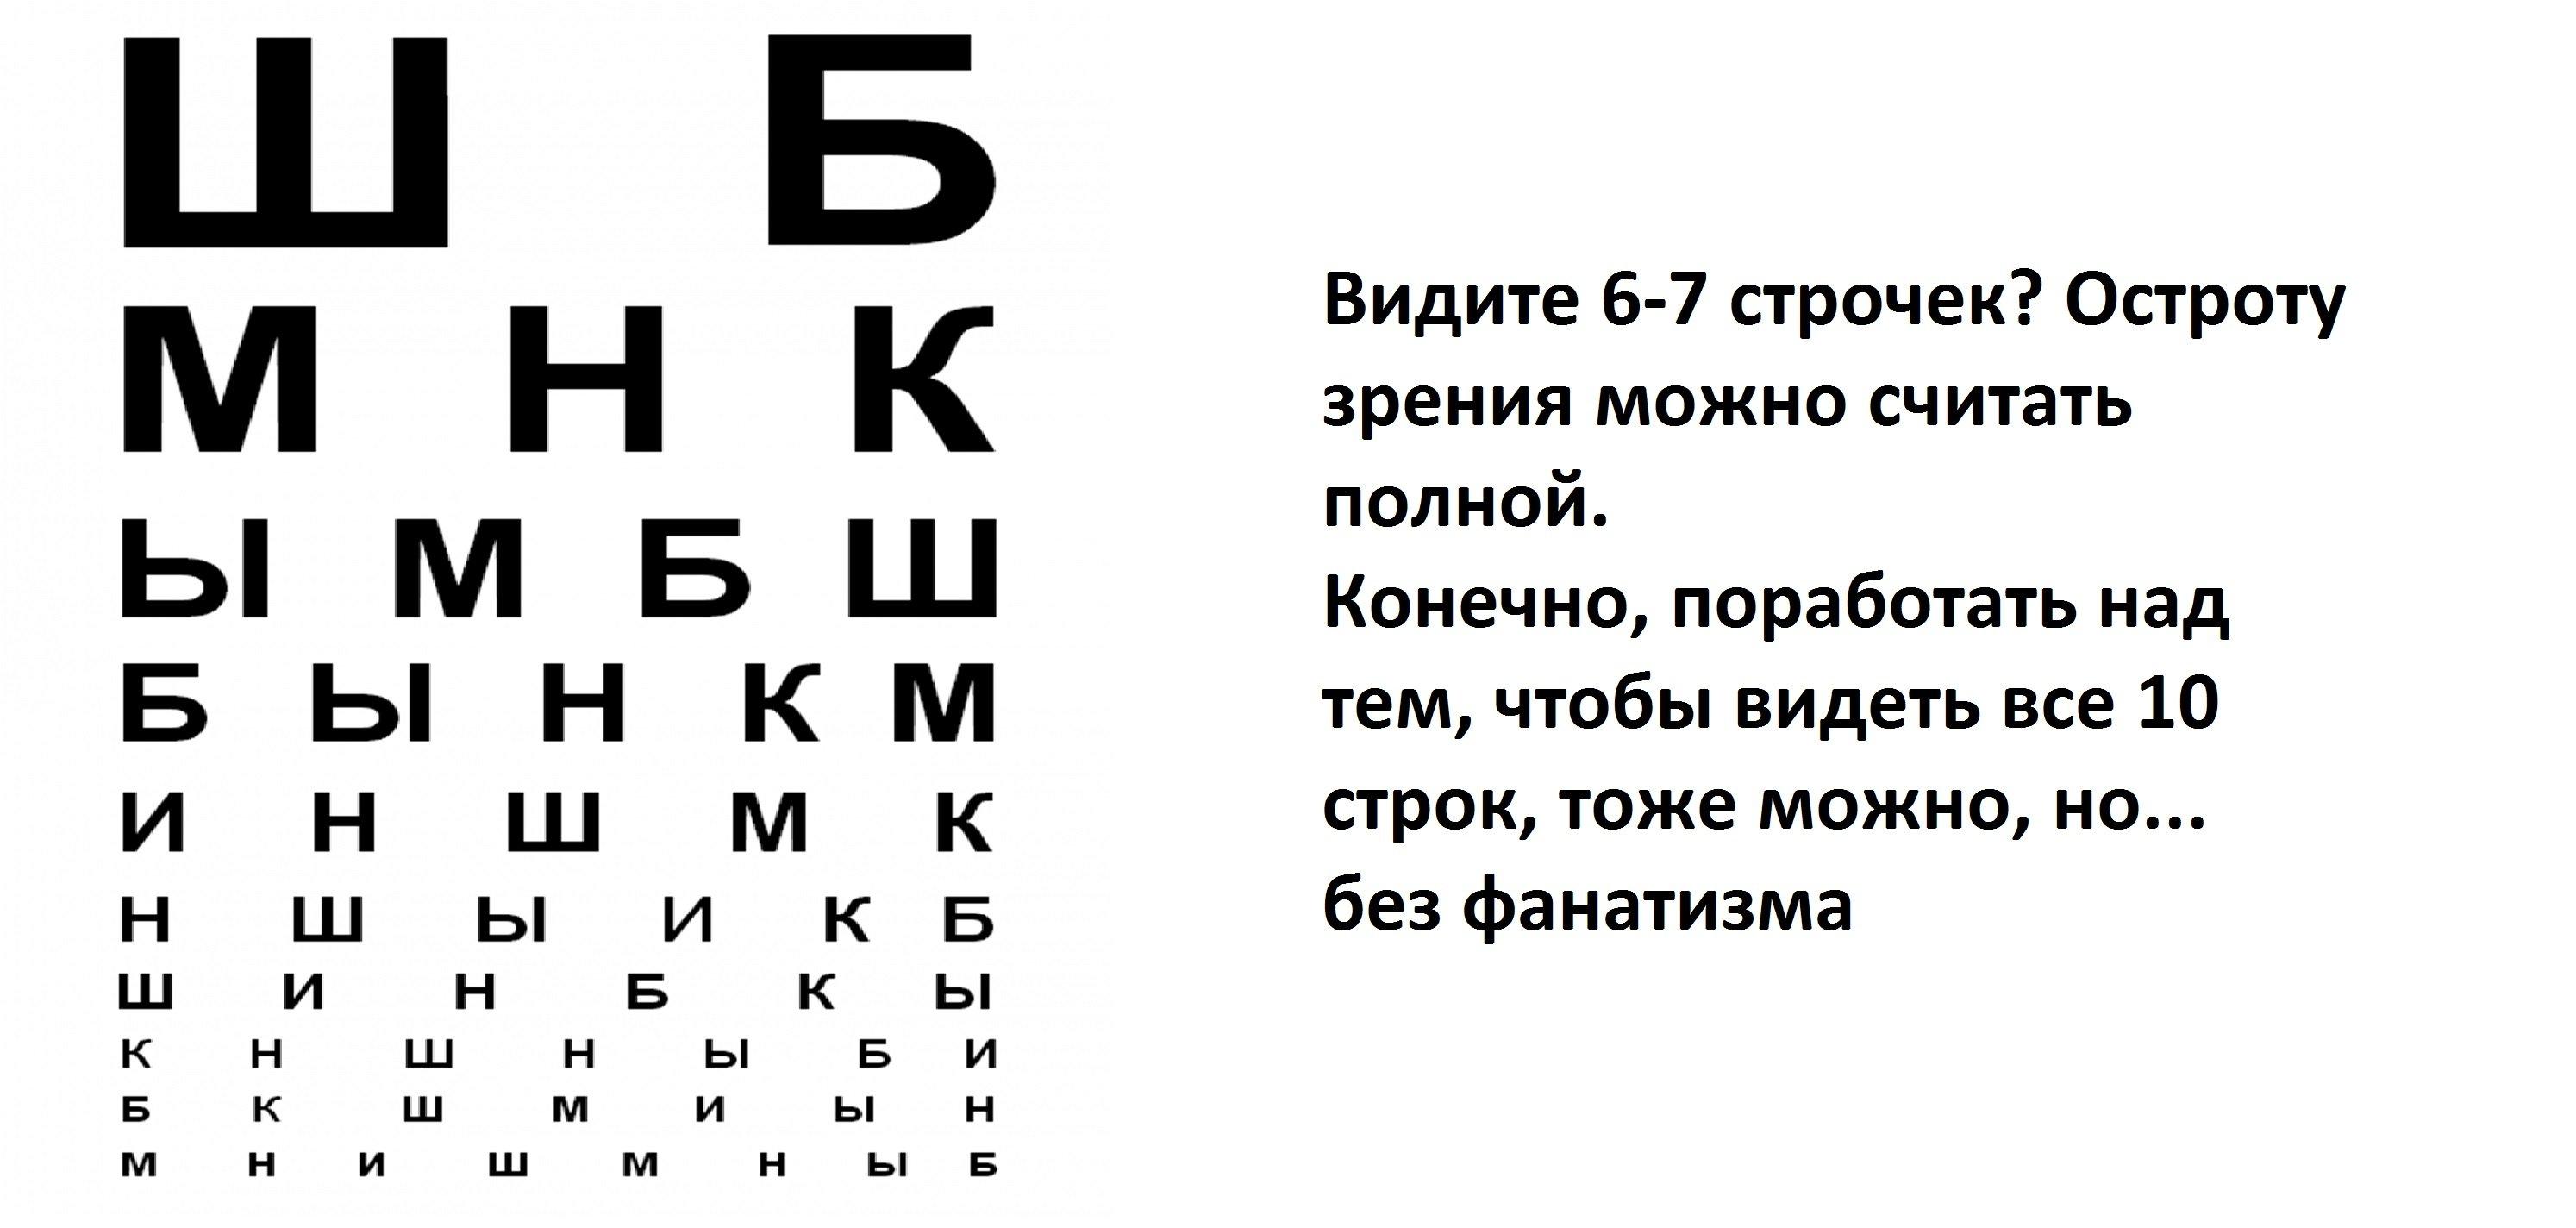 Как восстановить зрение упражнение снайпера